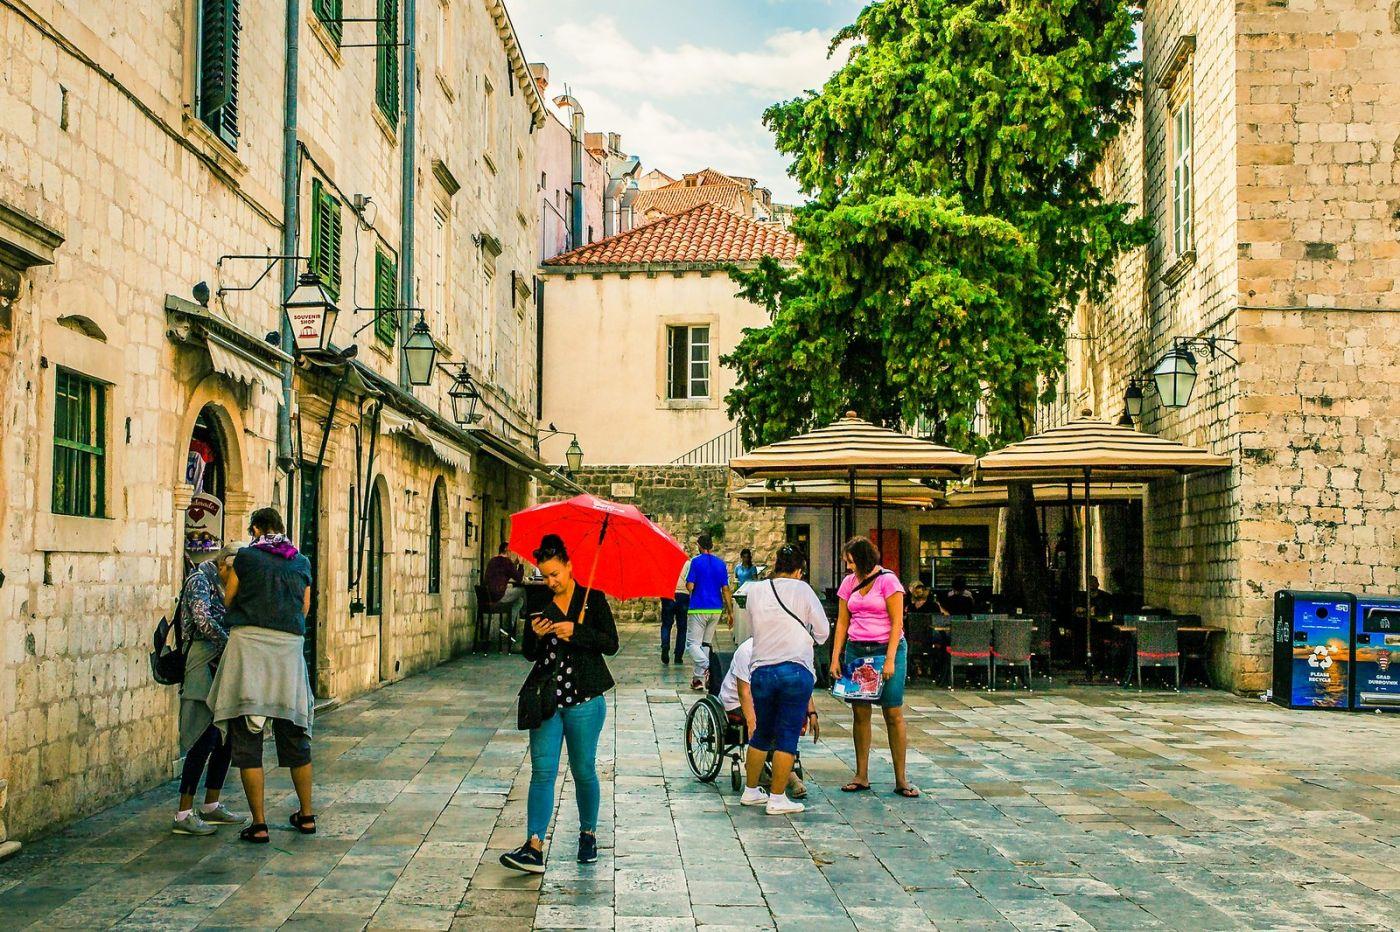 克罗地亚杜布罗夫尼克(Dubrovnik),古城小巷_图1-10